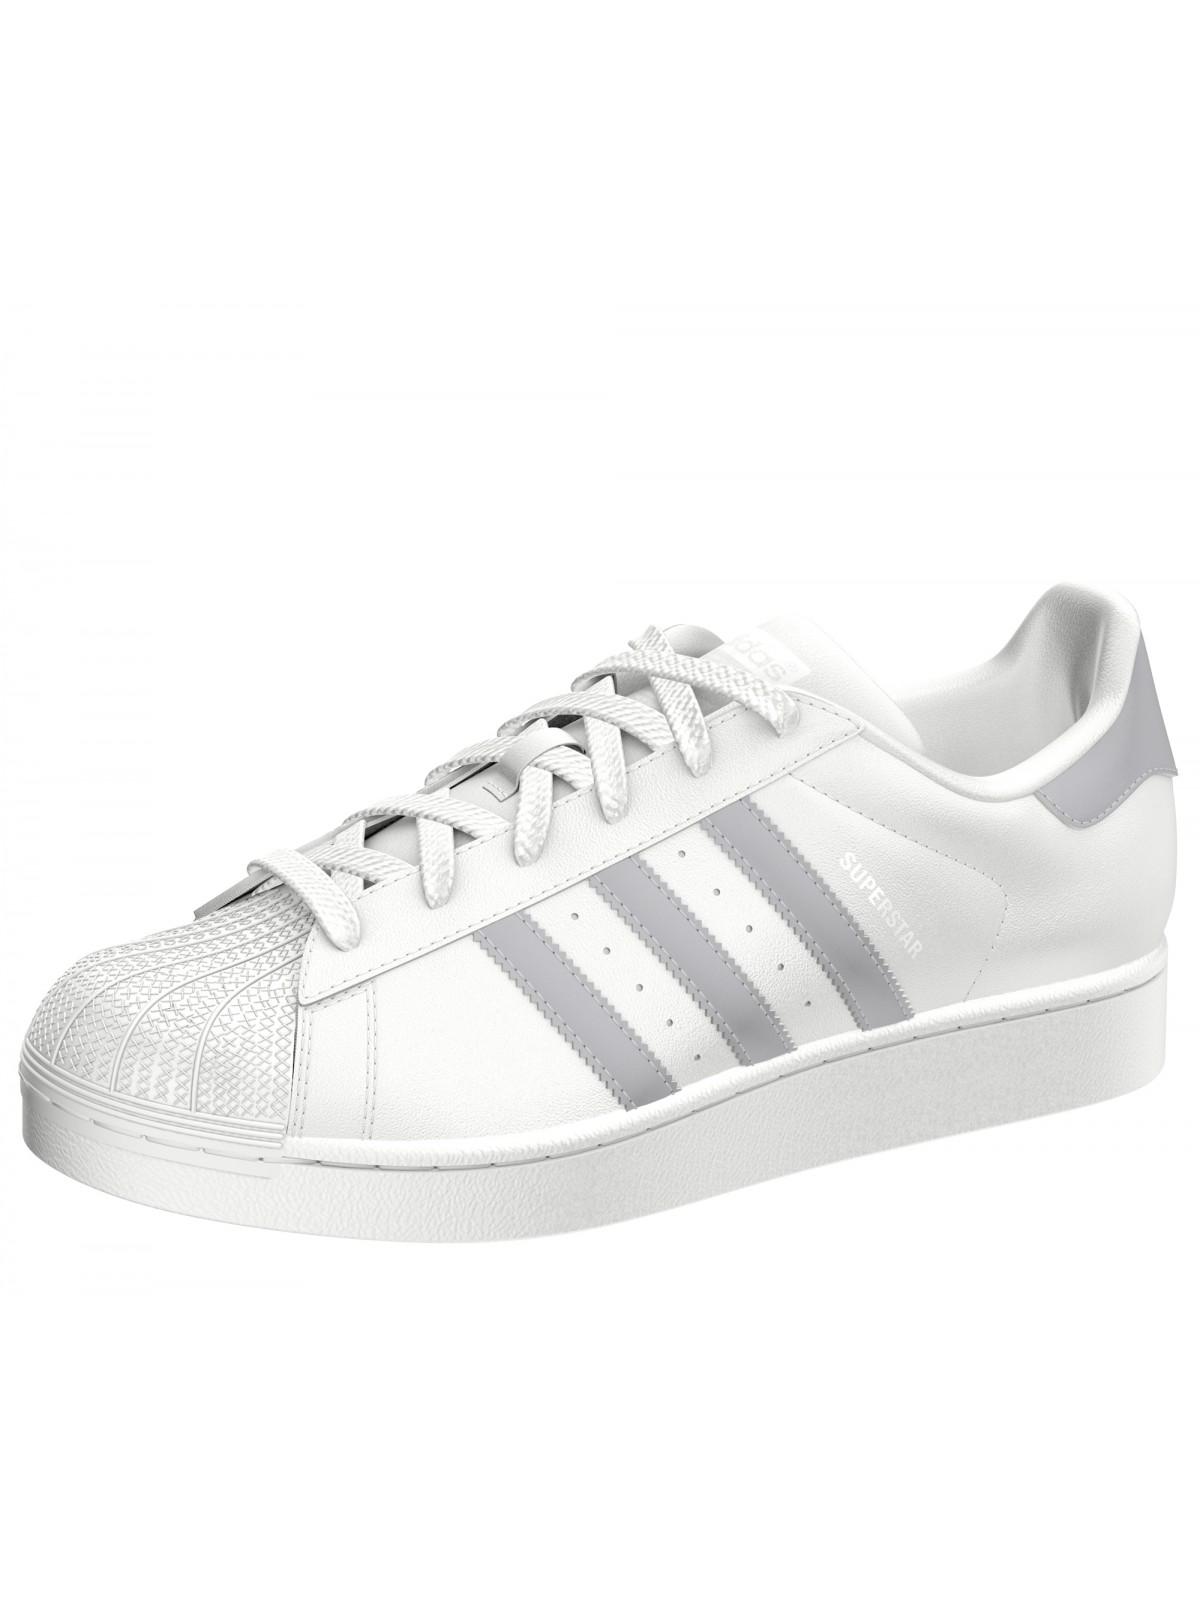 adidas superstar grise et blanche